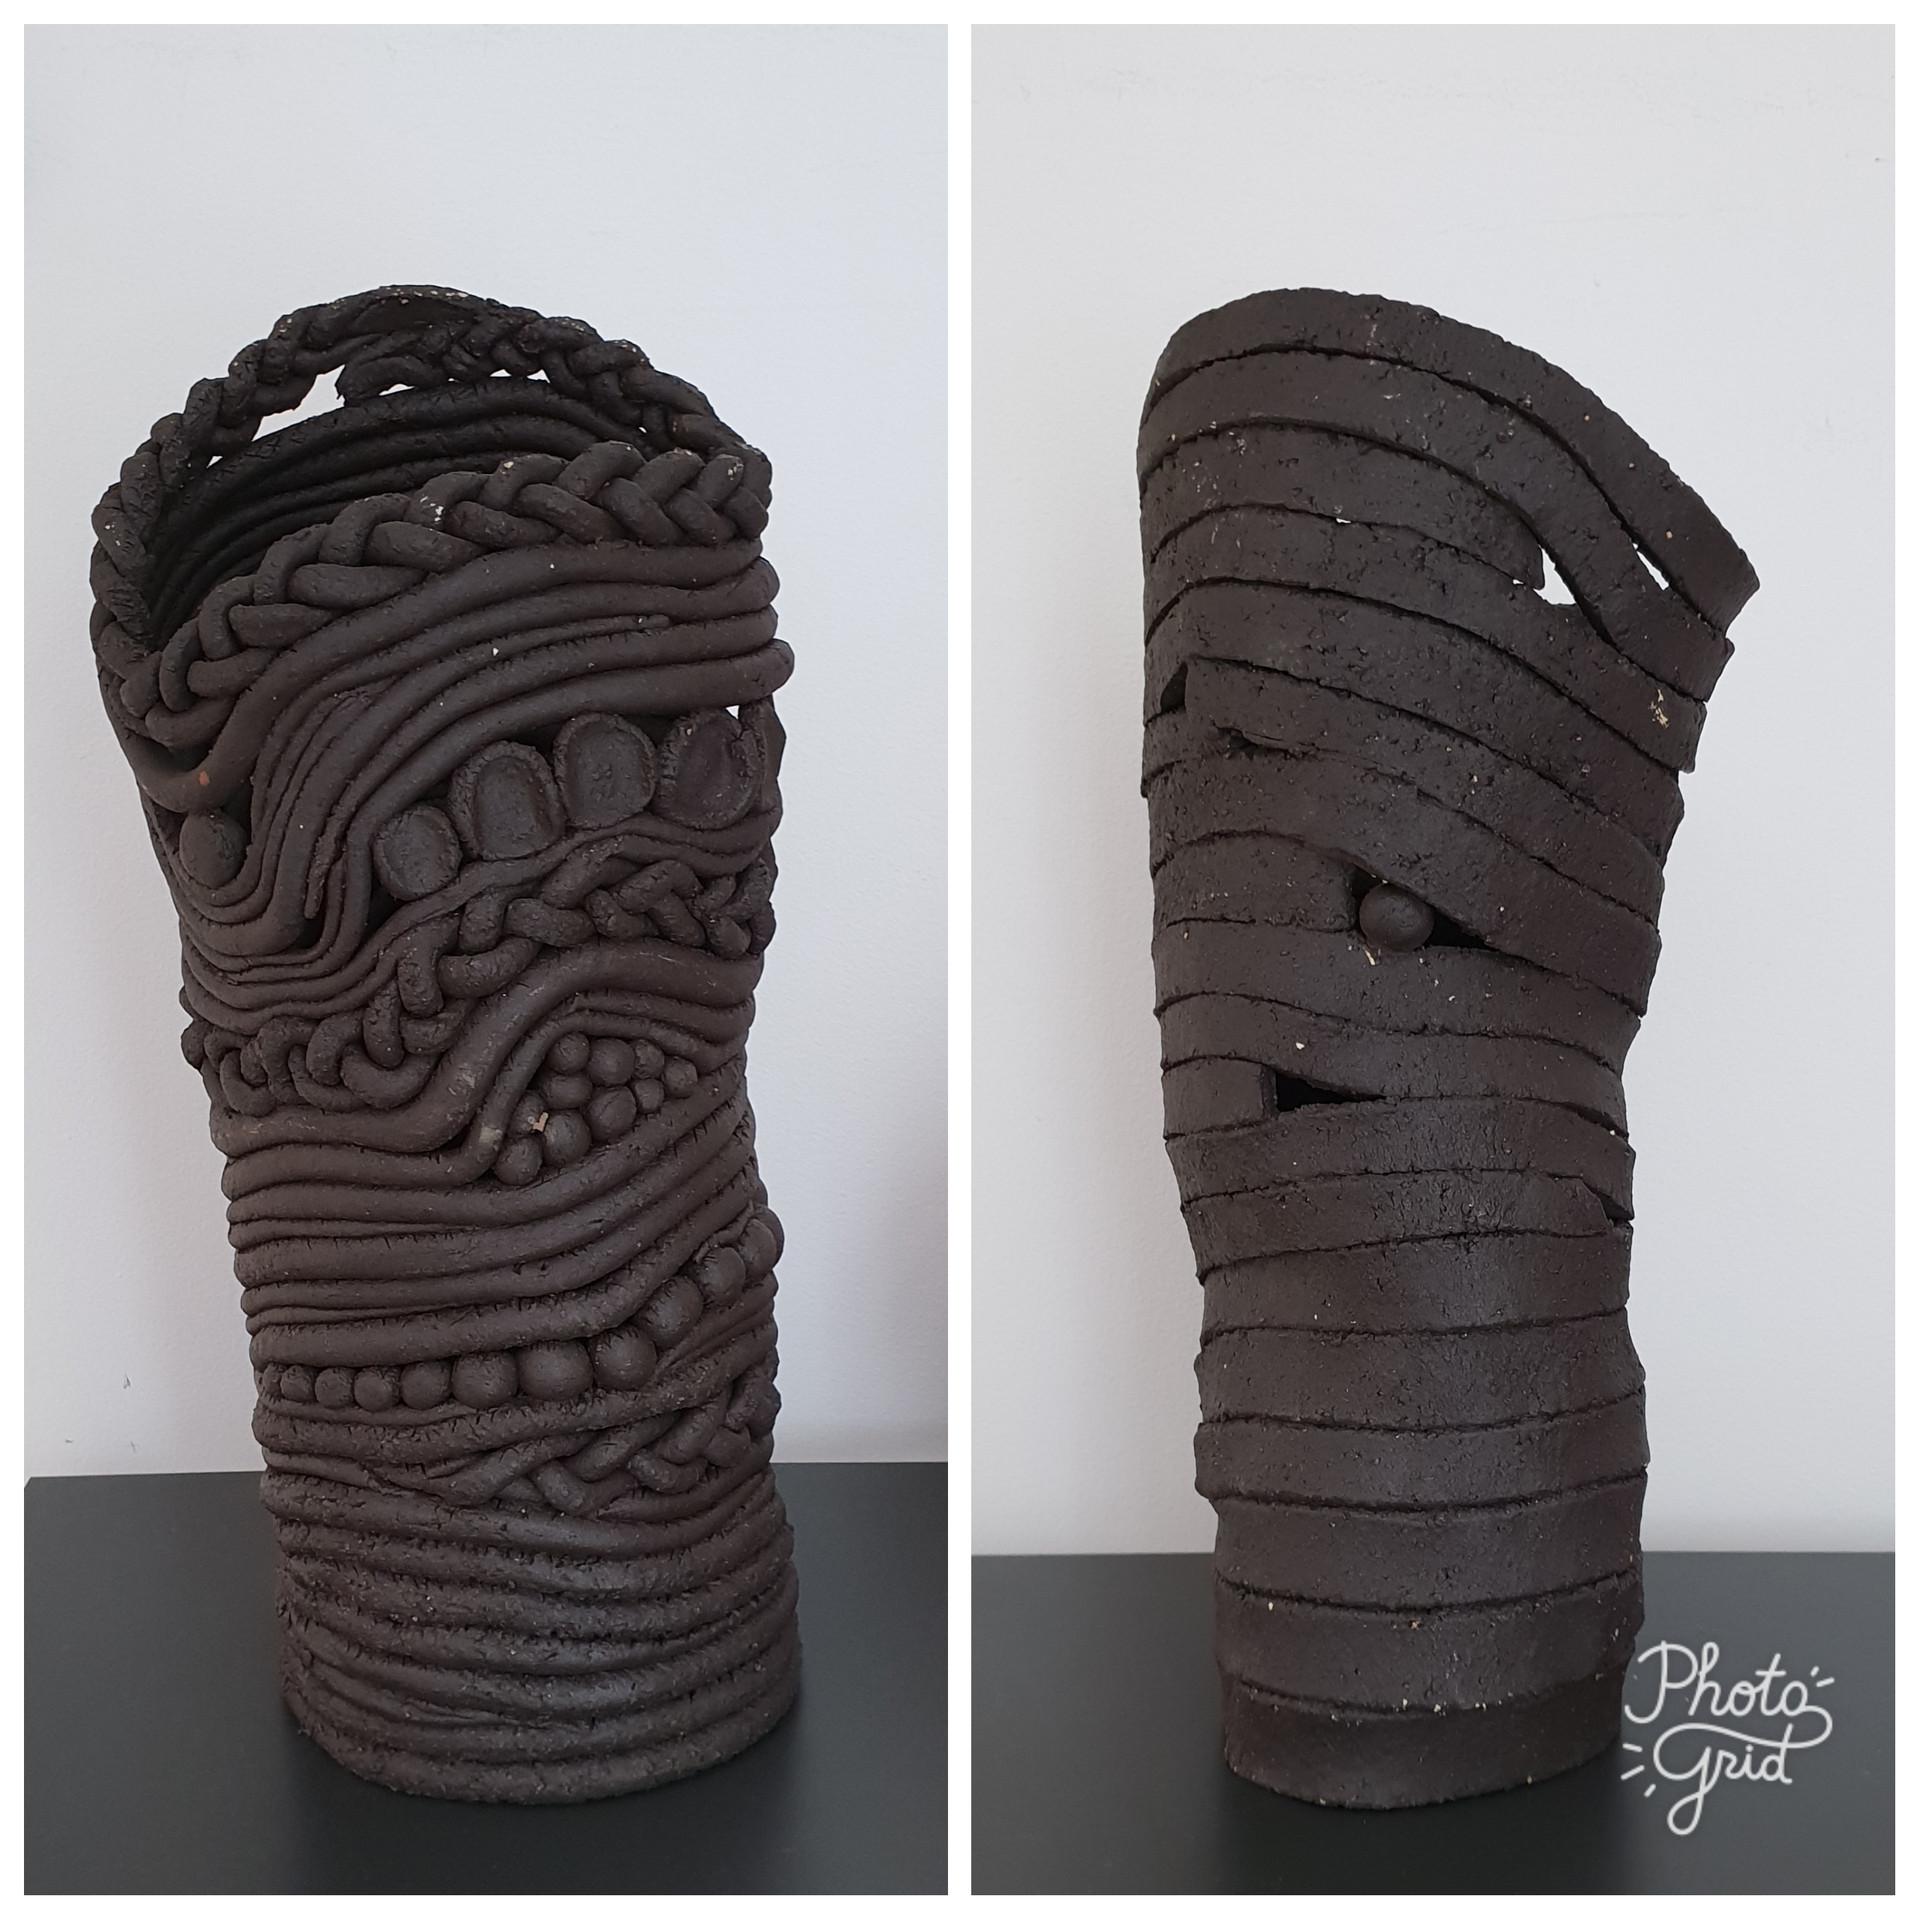 Shoug Ceramics